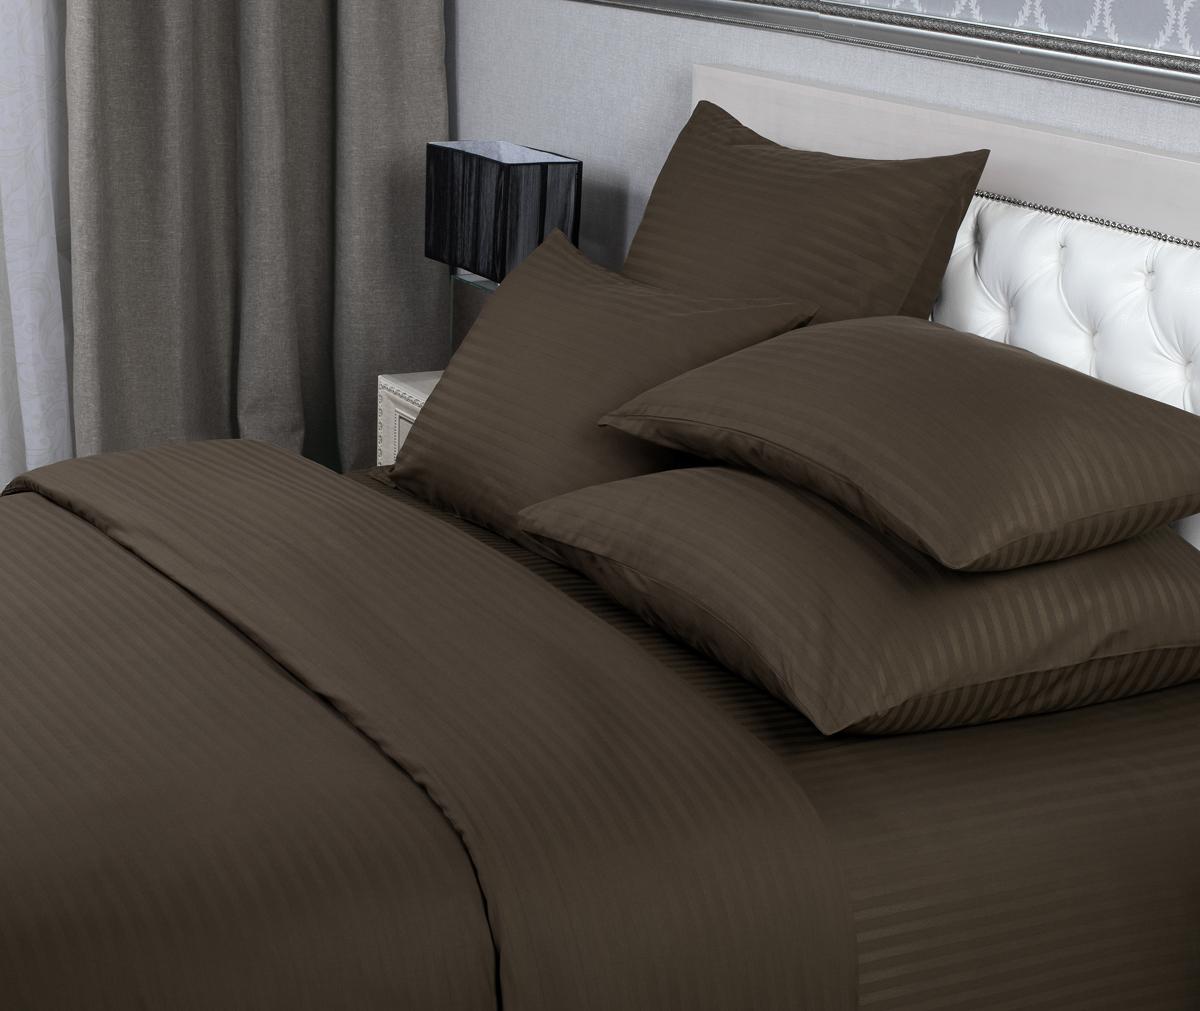 Комплект белья Verossa, 2-спальный, наволочки 50х70 см, цвет: шоколадный полотенце verossa verossa ve032judhec6